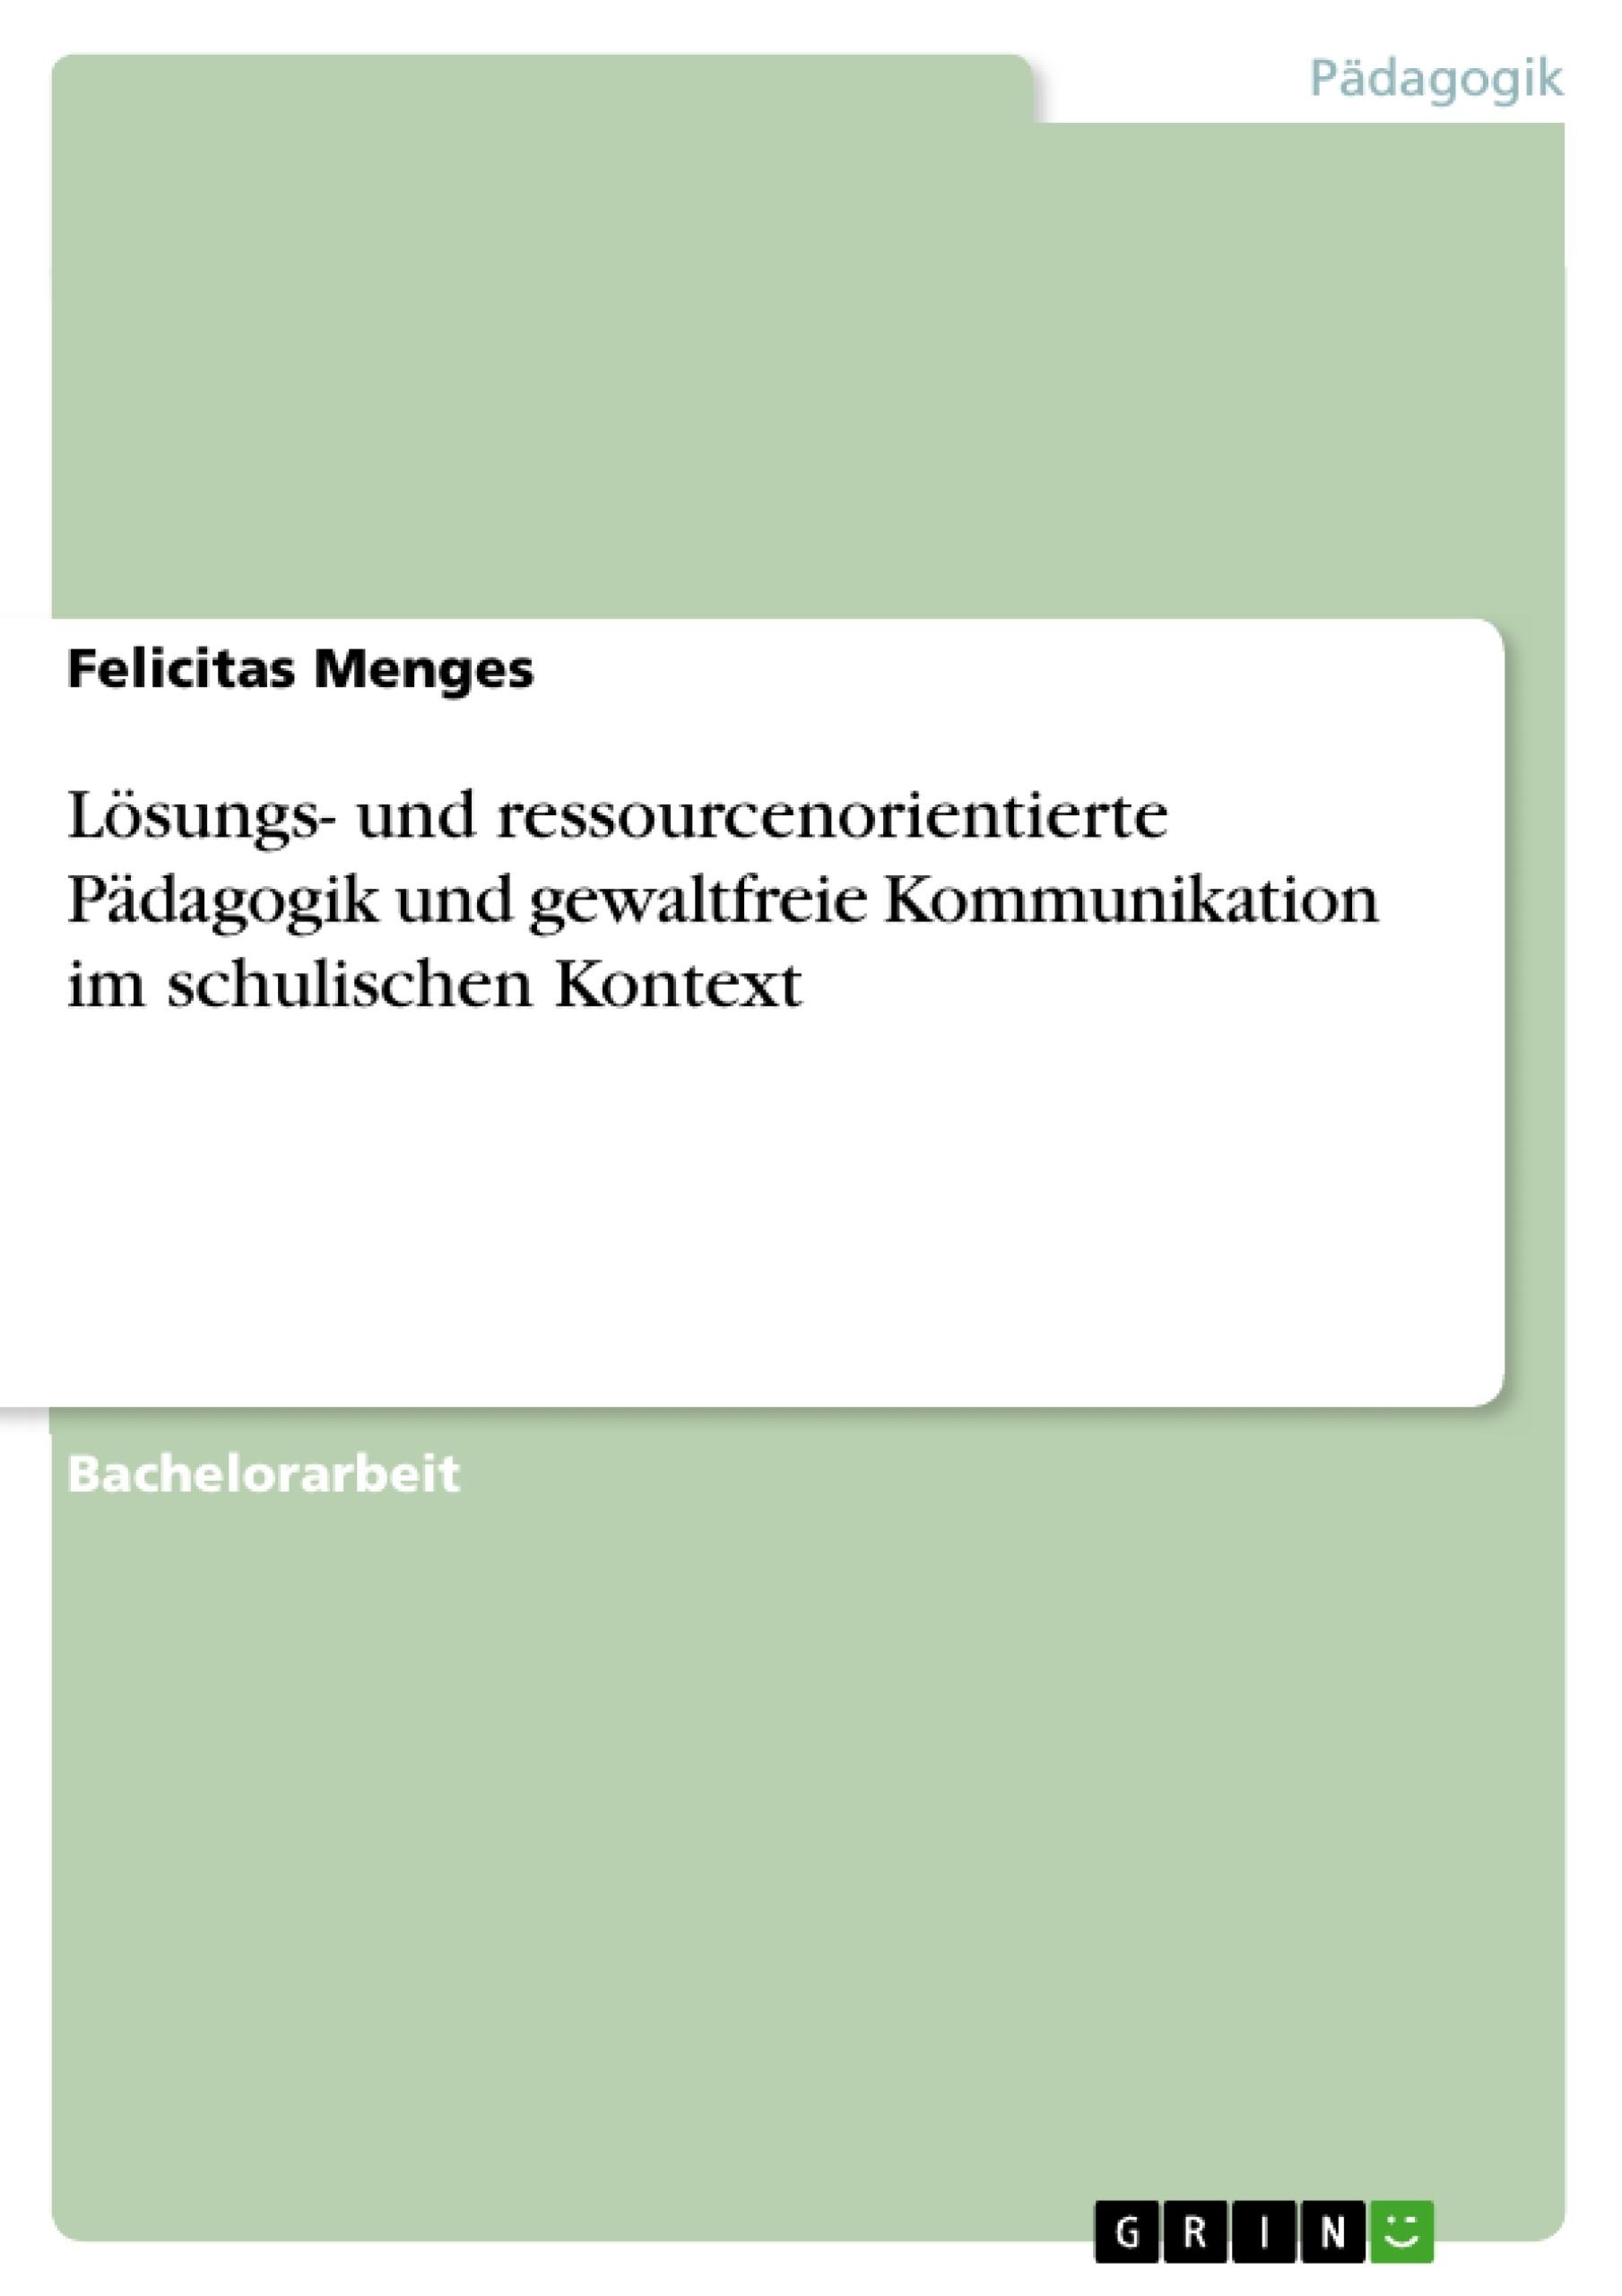 Titel: Lösungs- und ressourcenorientierte Pädagogik und gewaltfreie Kommunikation im schulischen Kontext